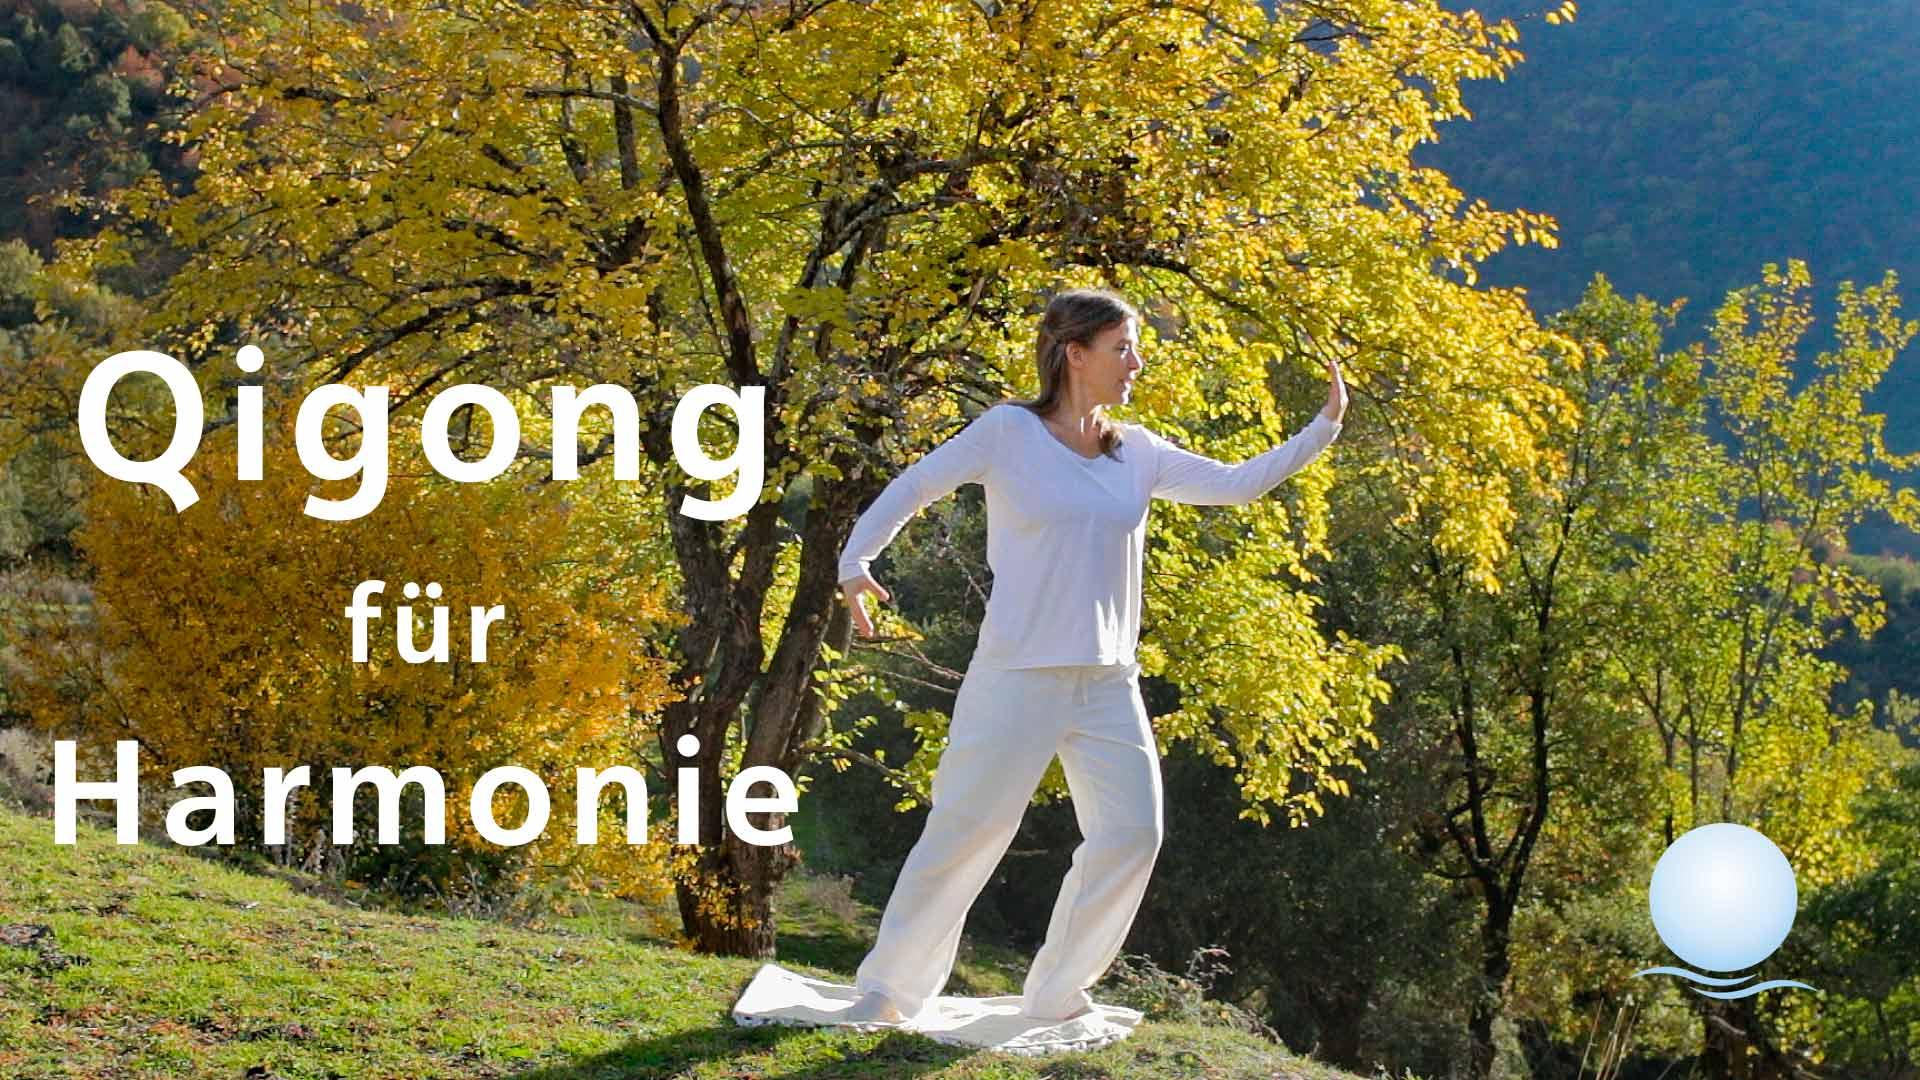 Qigong harmony